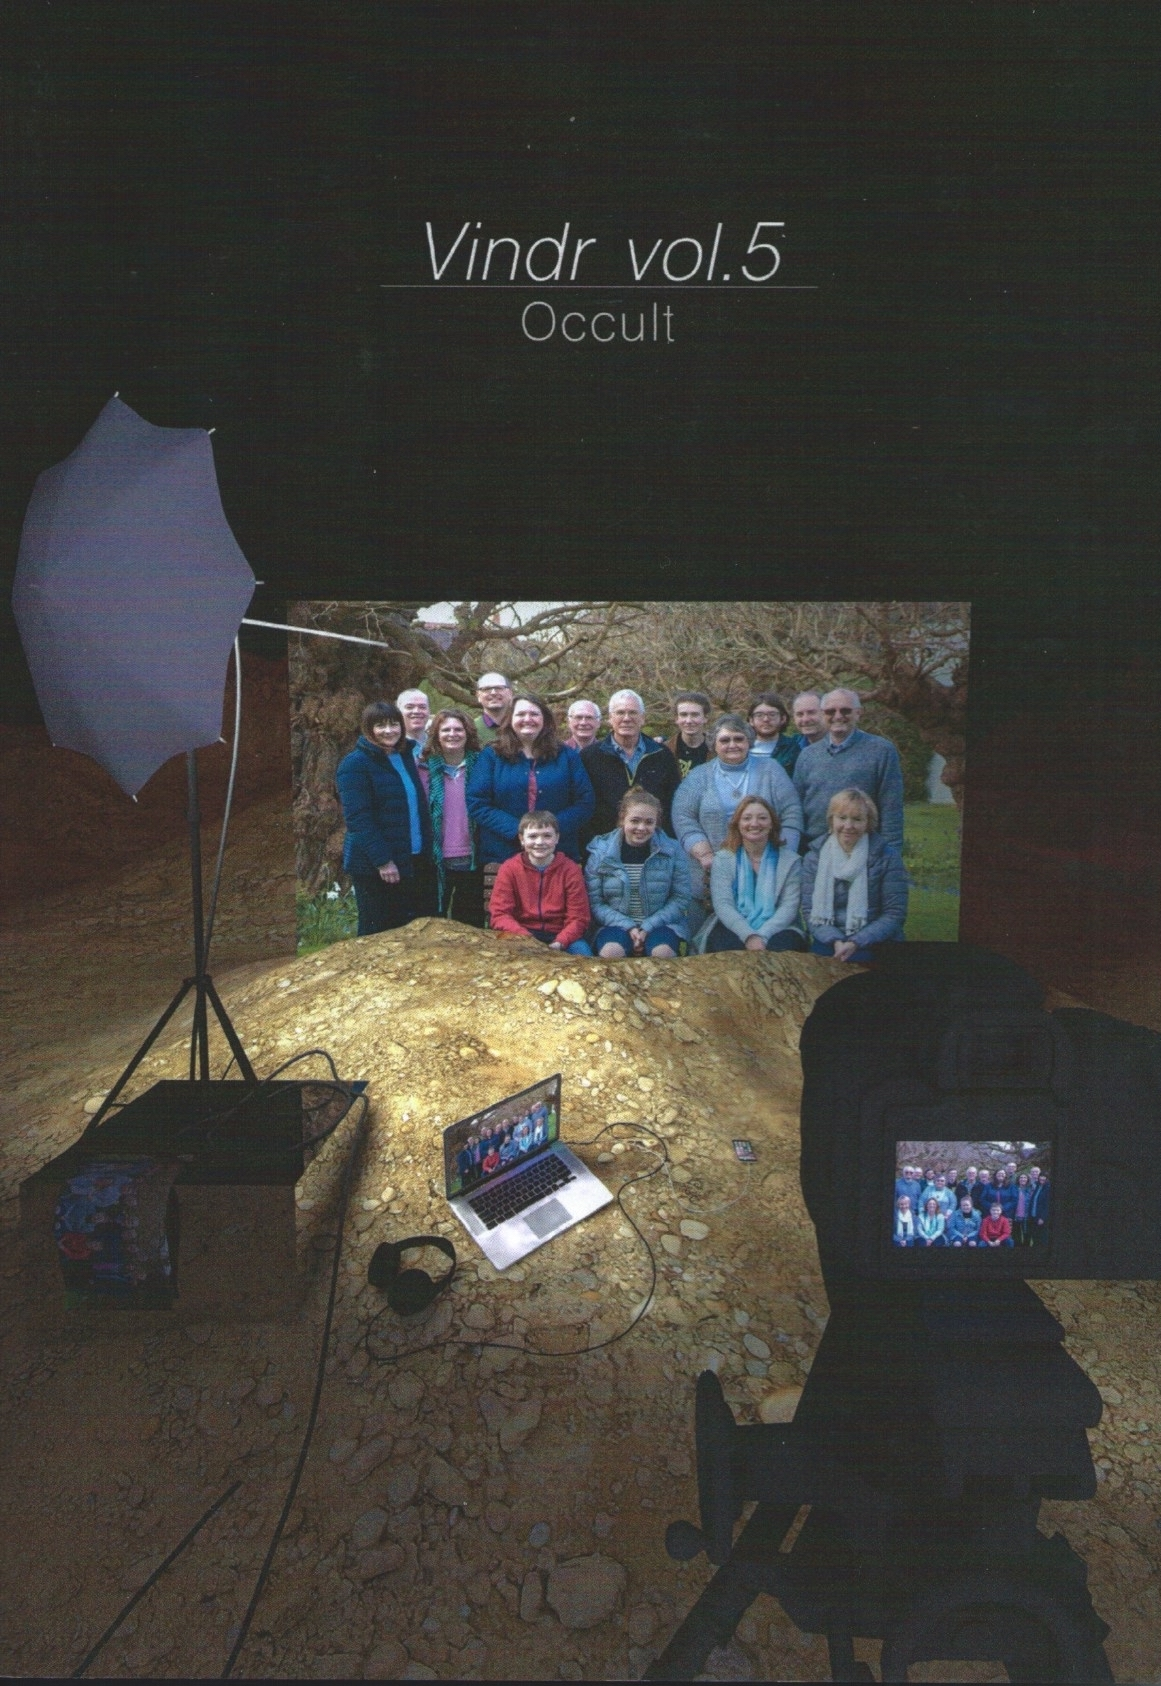 ビンダー vol.5 特集「オカルト」